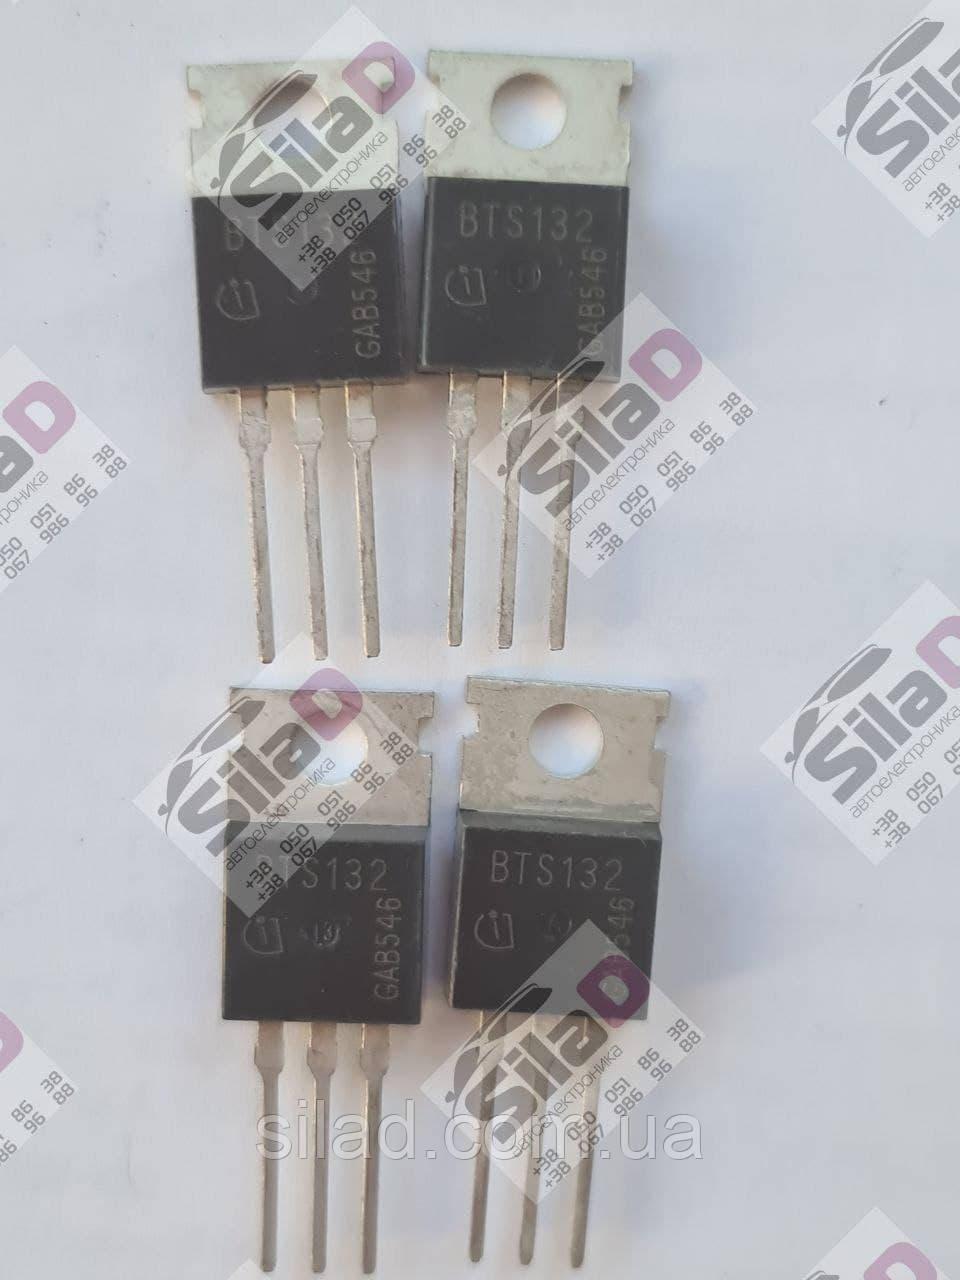 Транзистор BTS132 Infineon корпус TO-220